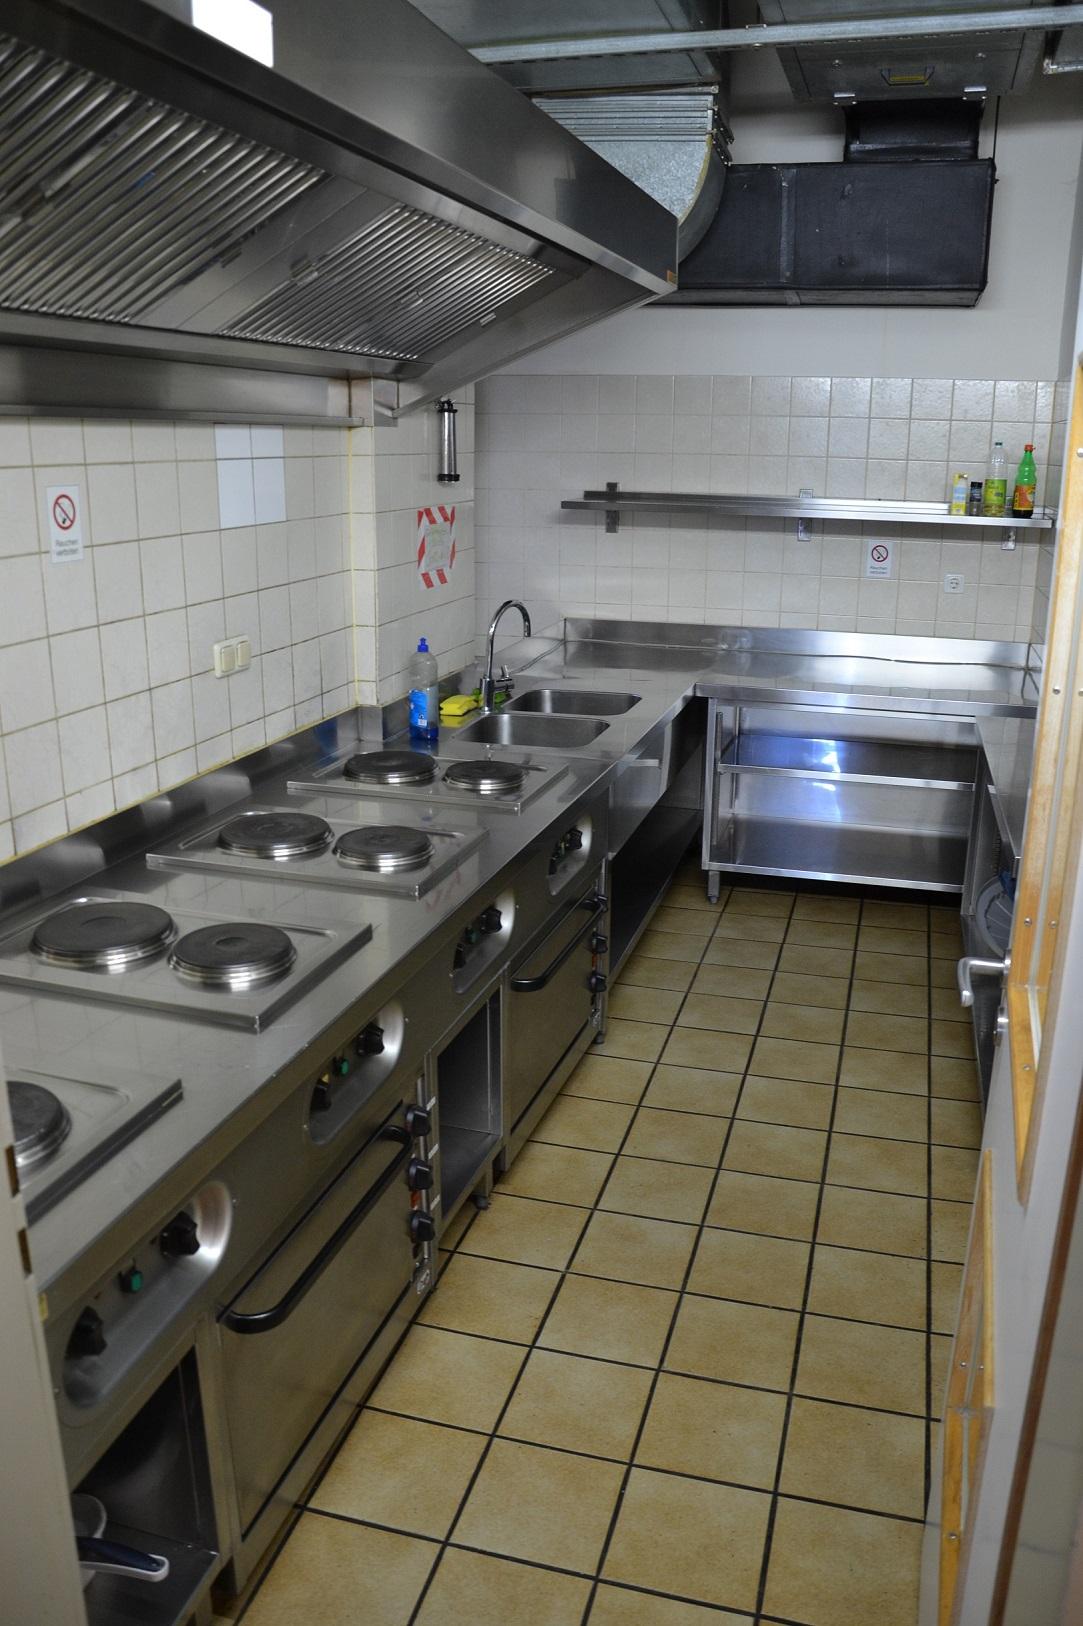 Die Besucher der Teestube können sich in der Gemeinschaftsküche Essen zubereiten.